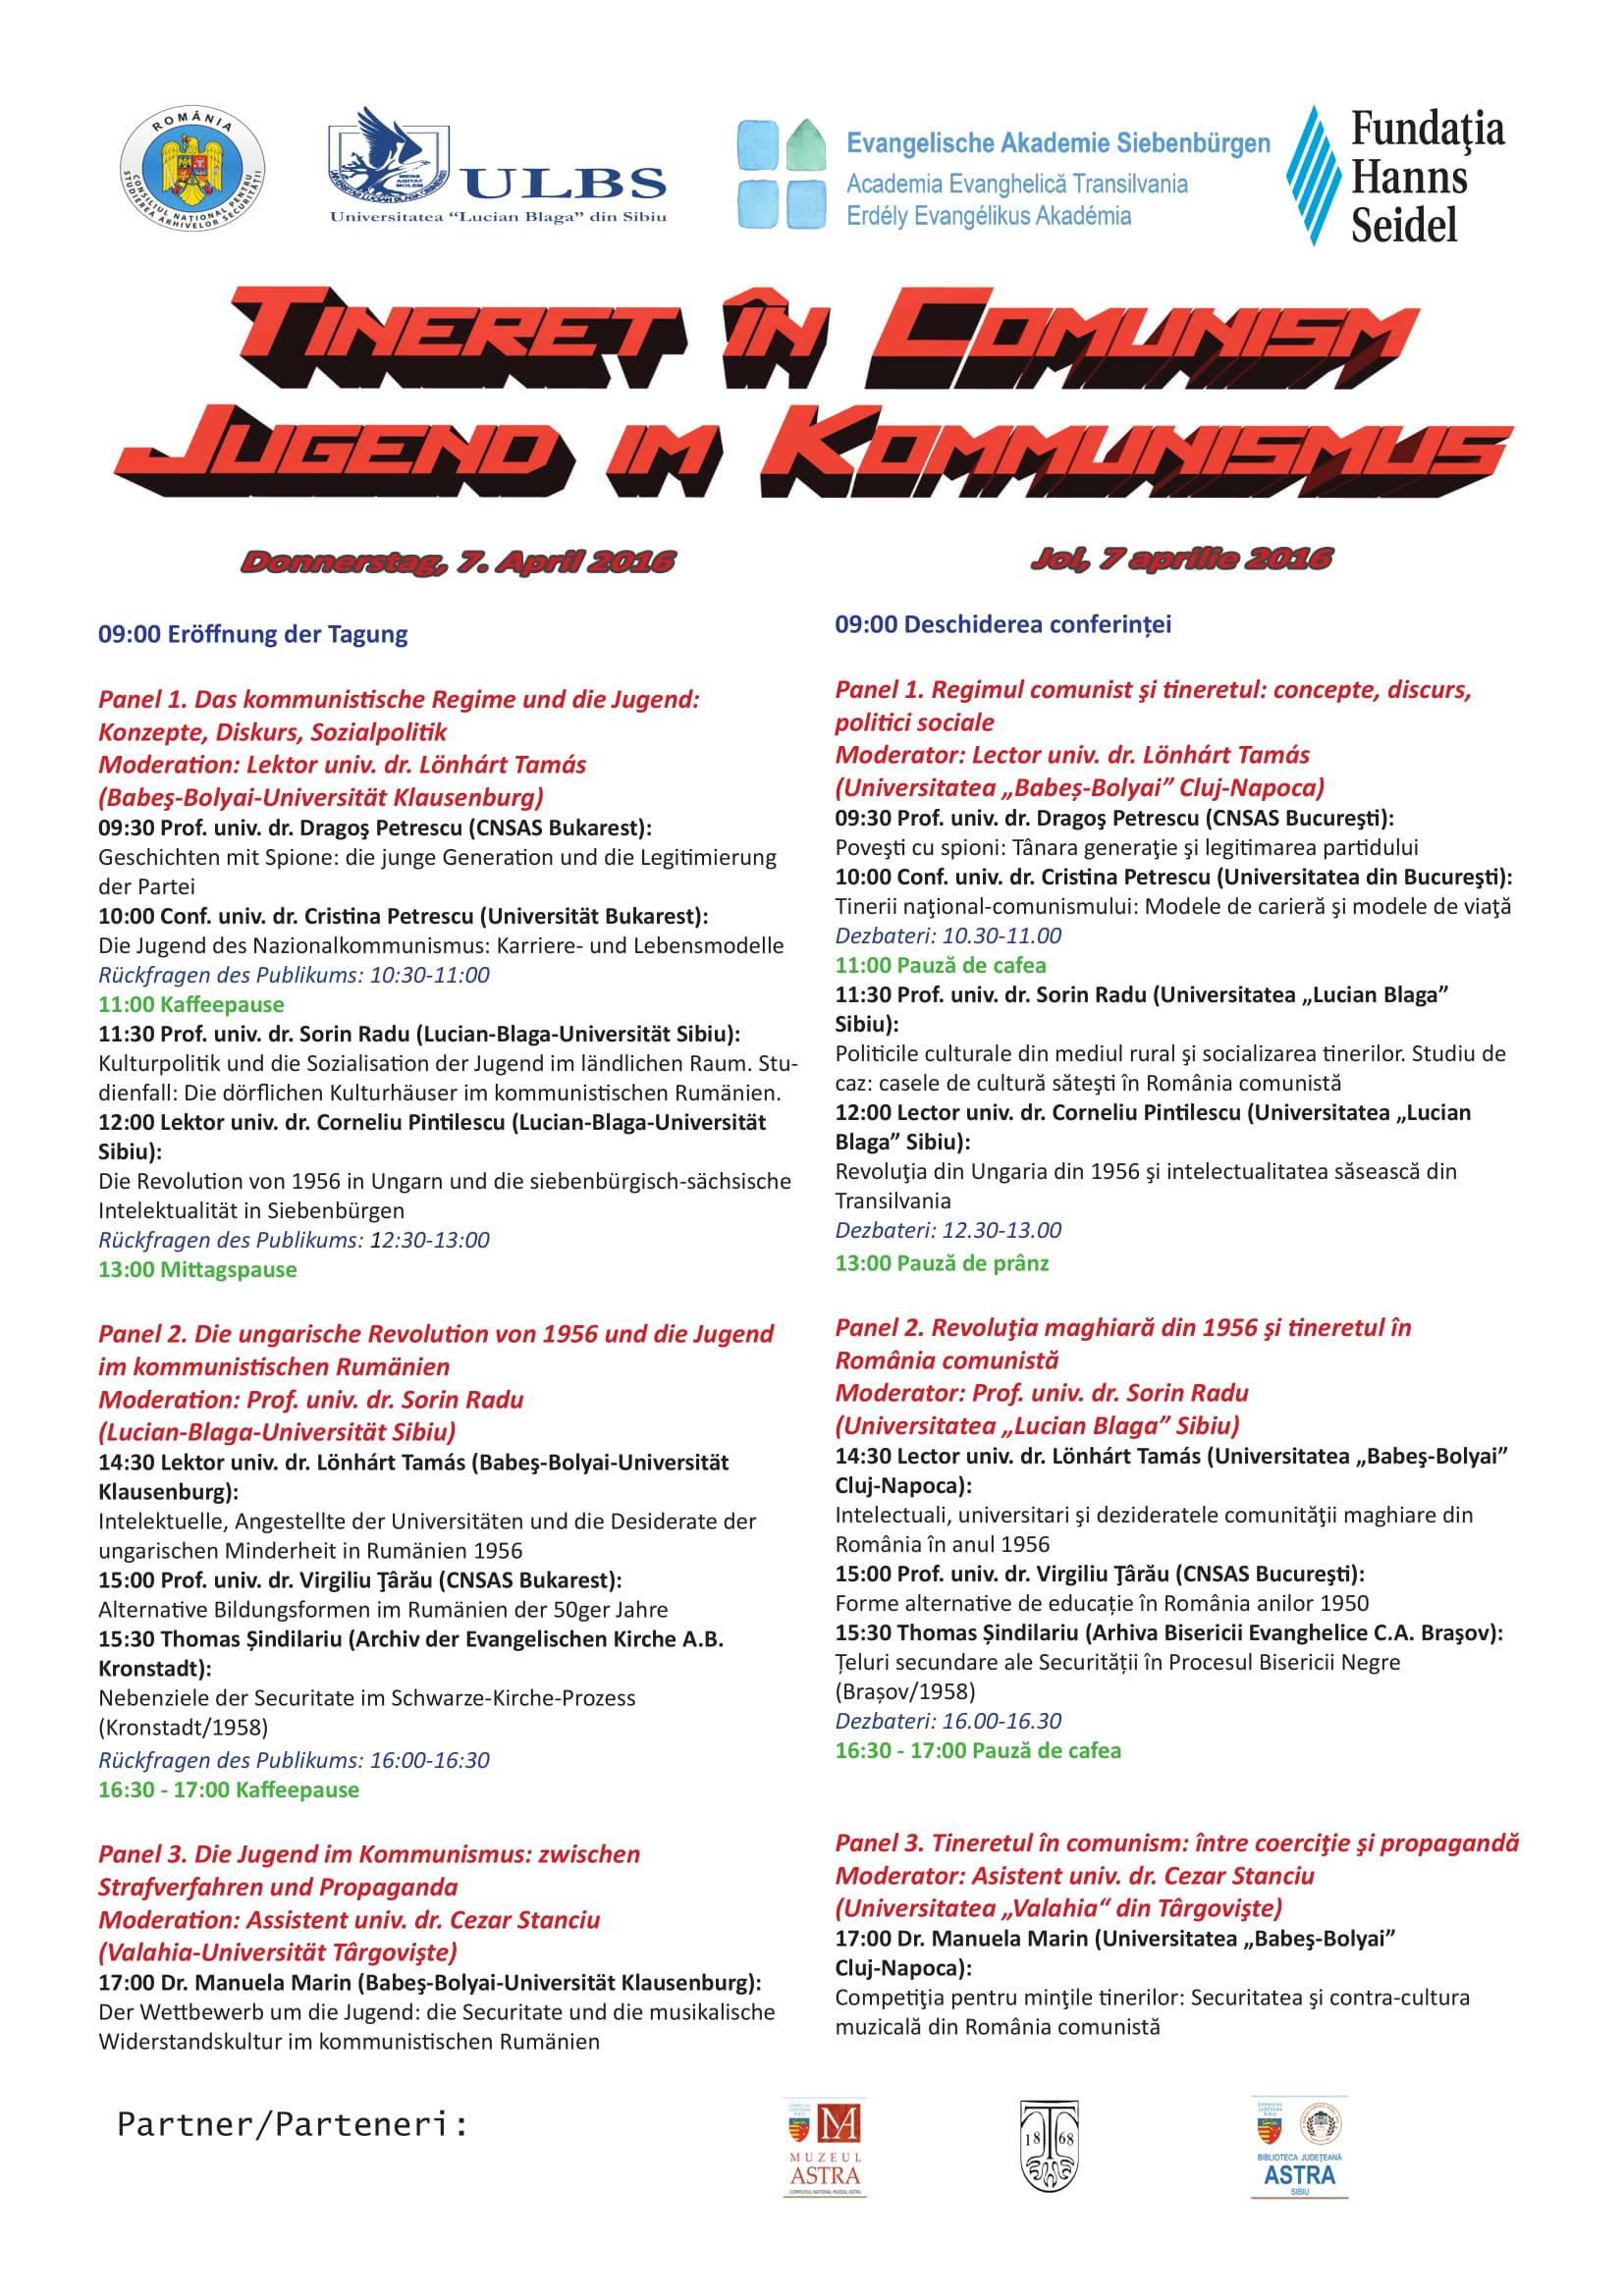 Conference program: Tineret în comunism/Jungend im Kommunismus (Youth during communism), Sibiu, 7-8 April 2016